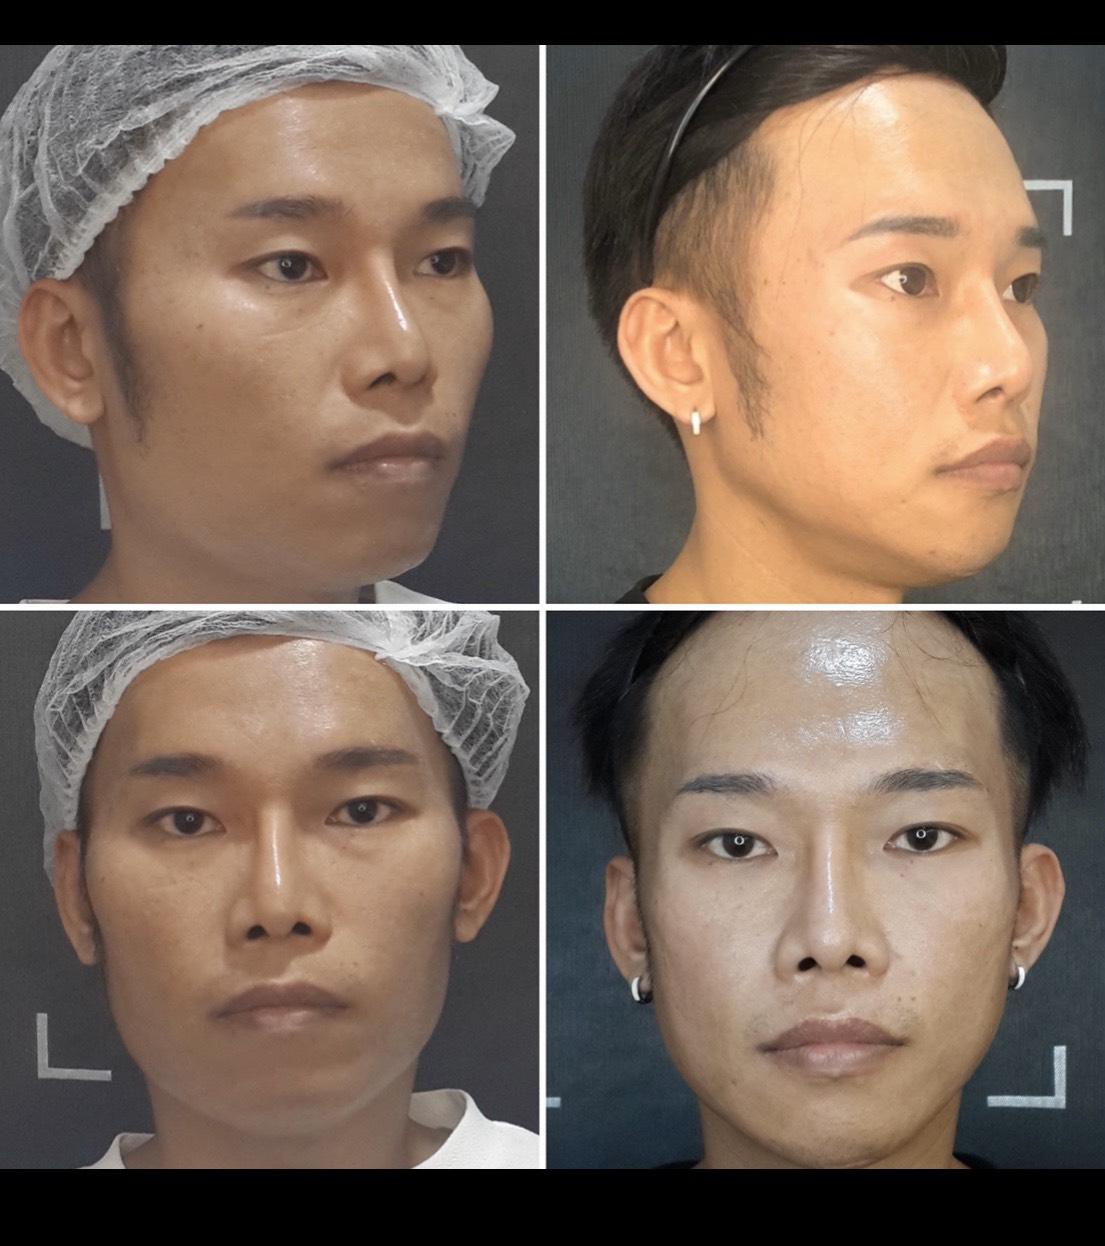 台北臻品絕色,瘦臉削骨